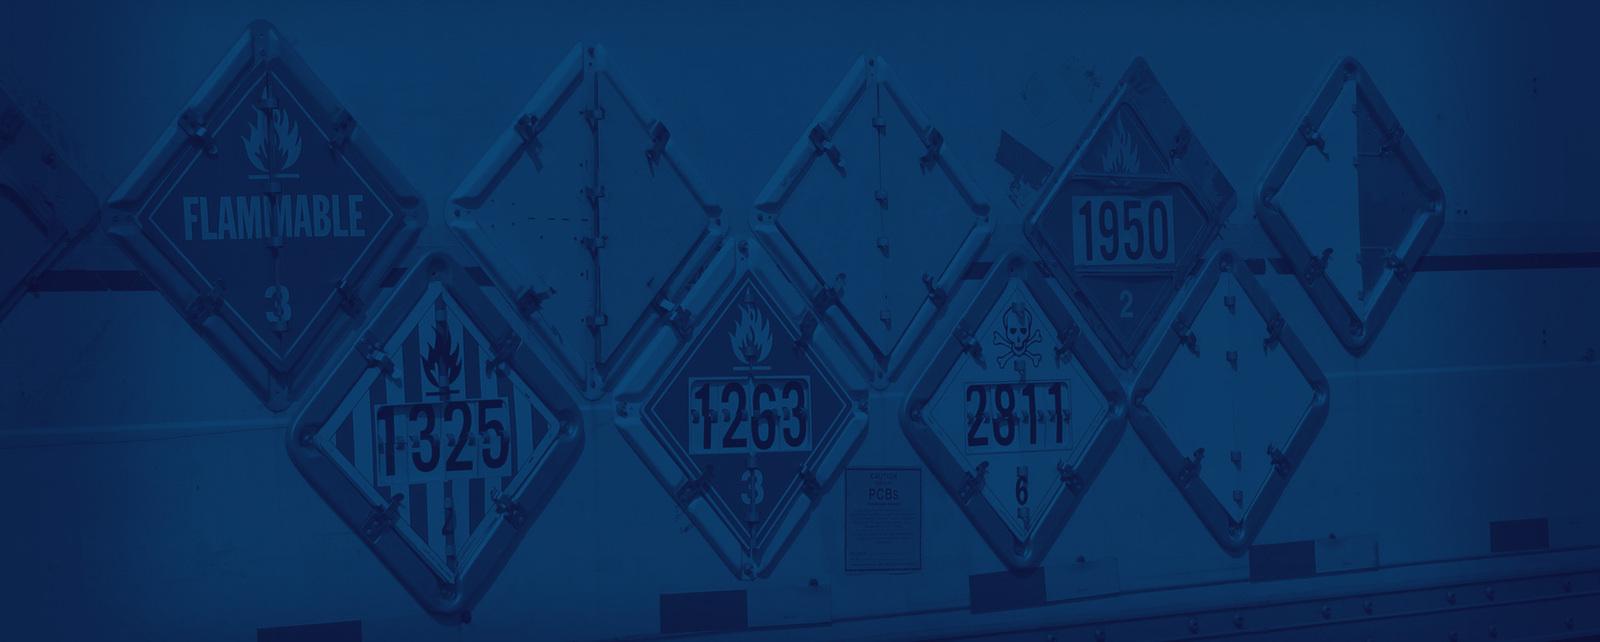 tdg-hero-blue